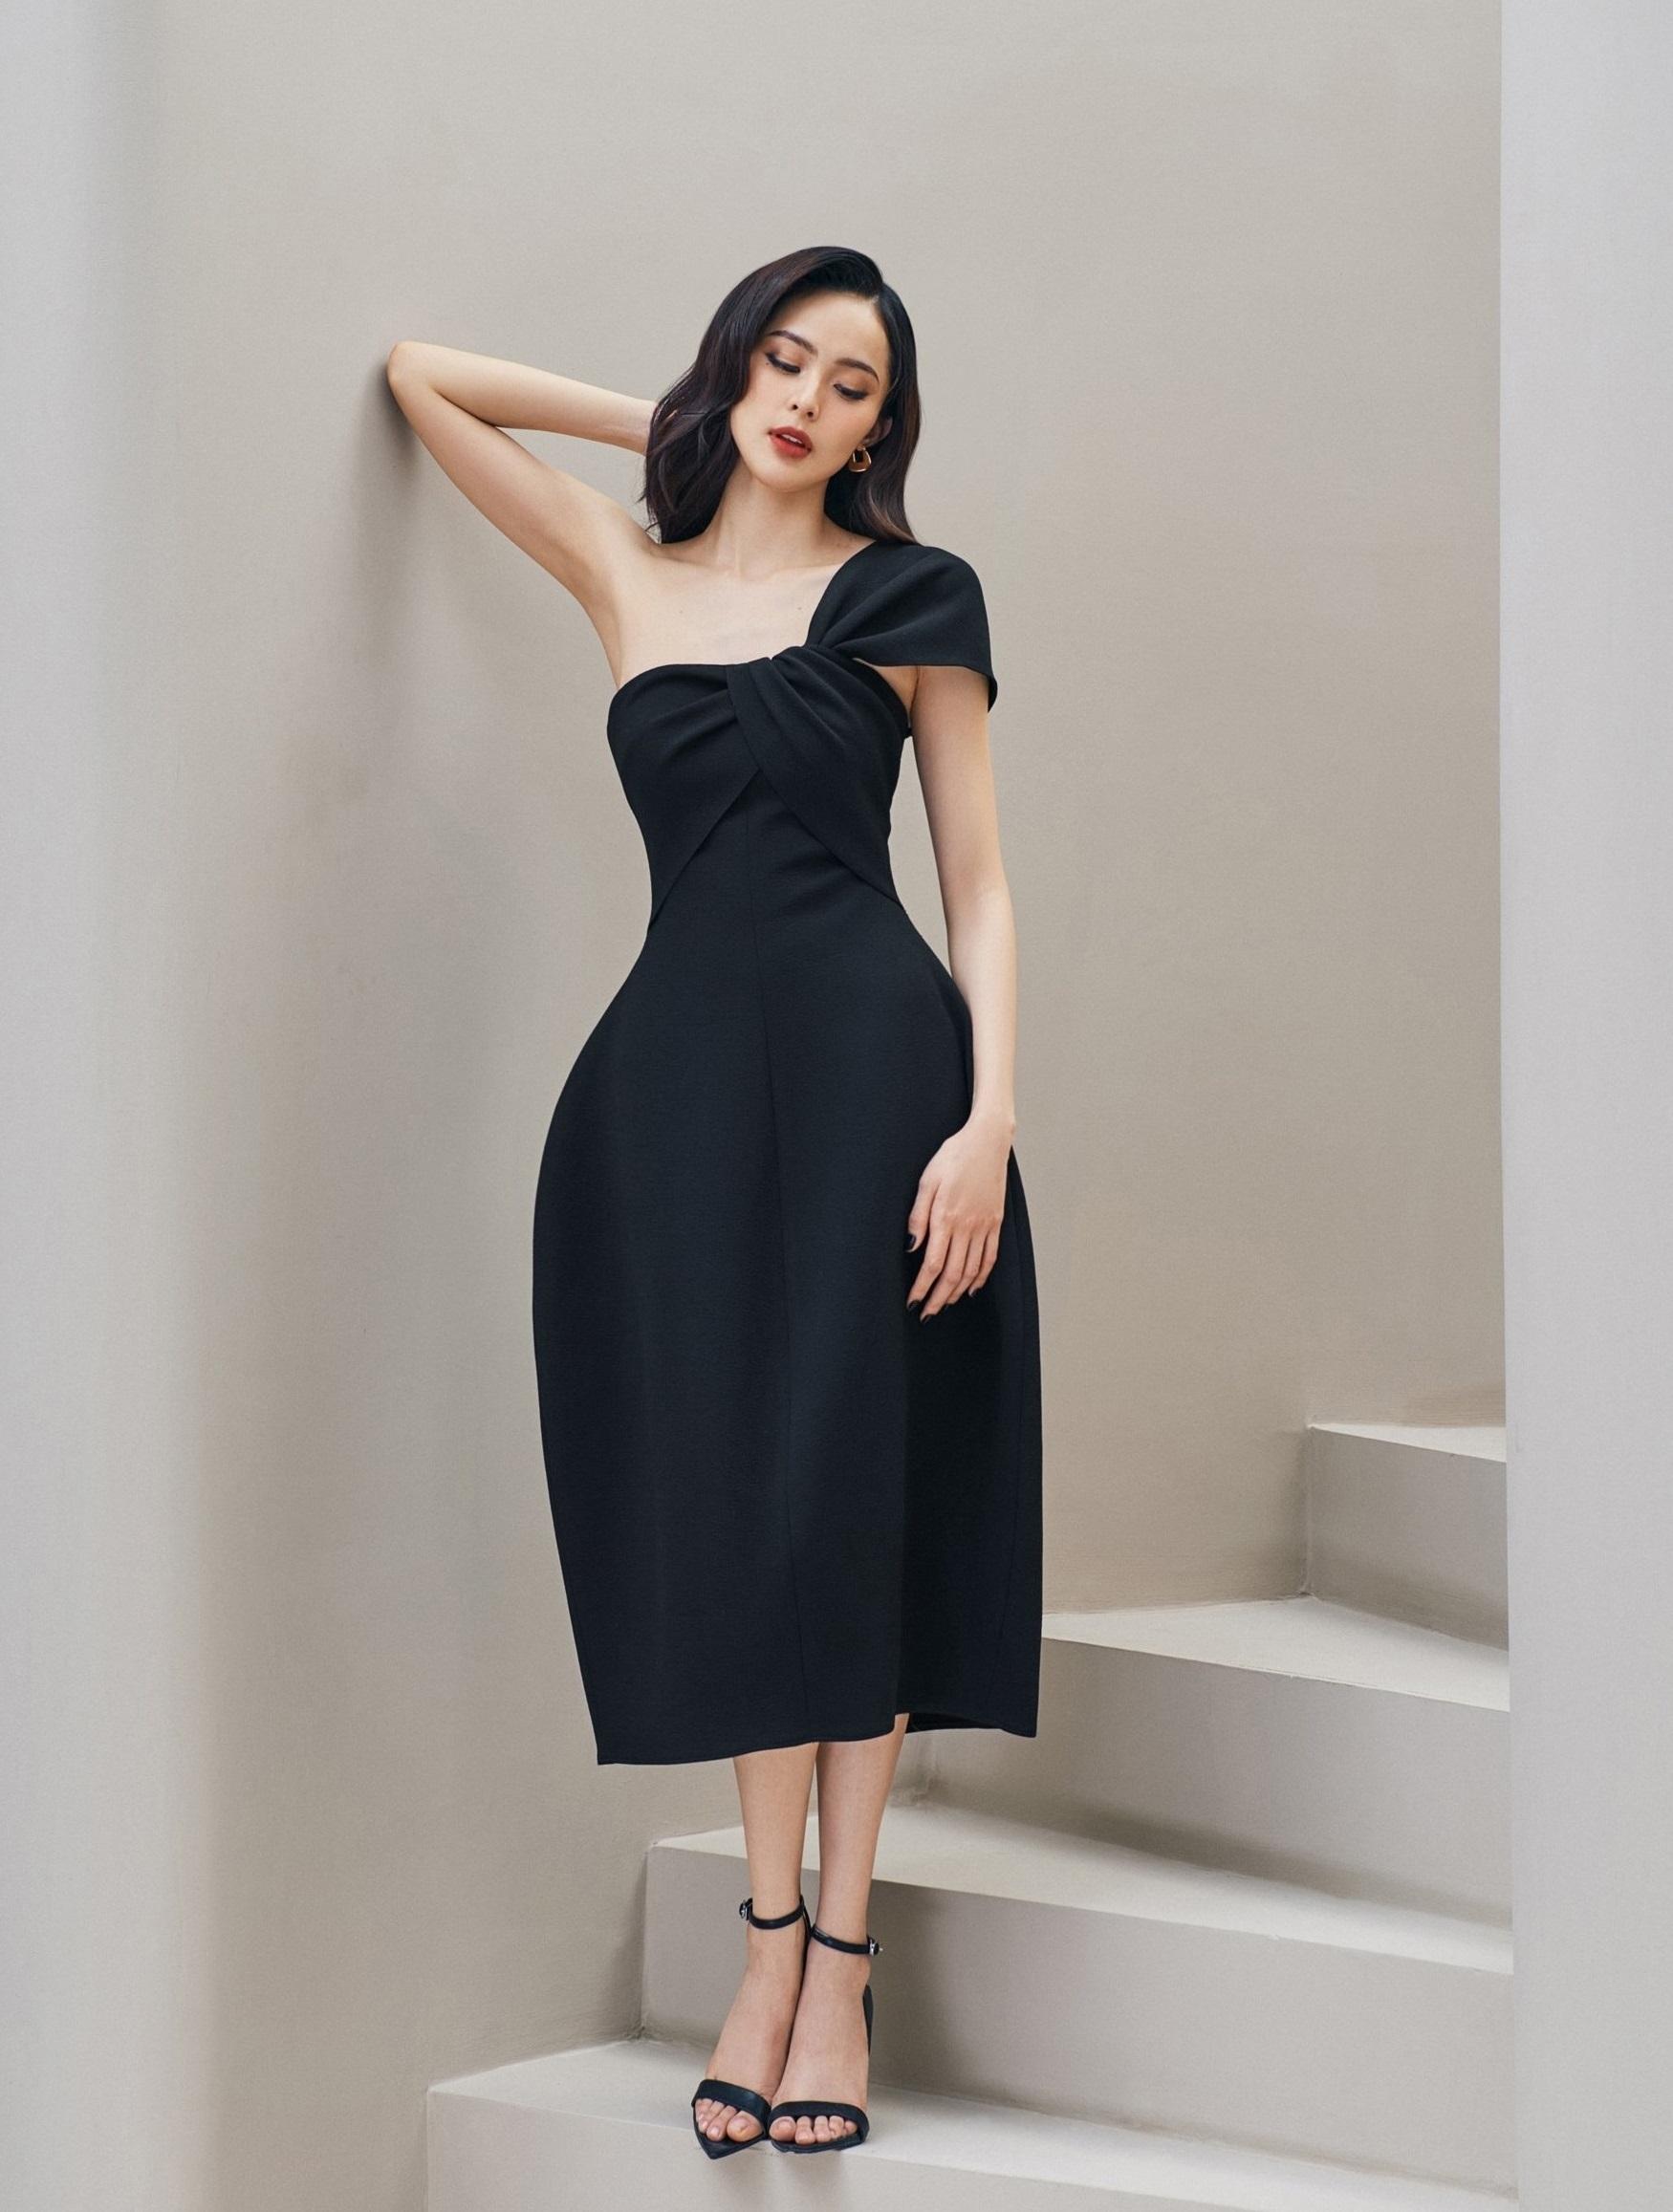 Đầm xòe lệch vai #2955